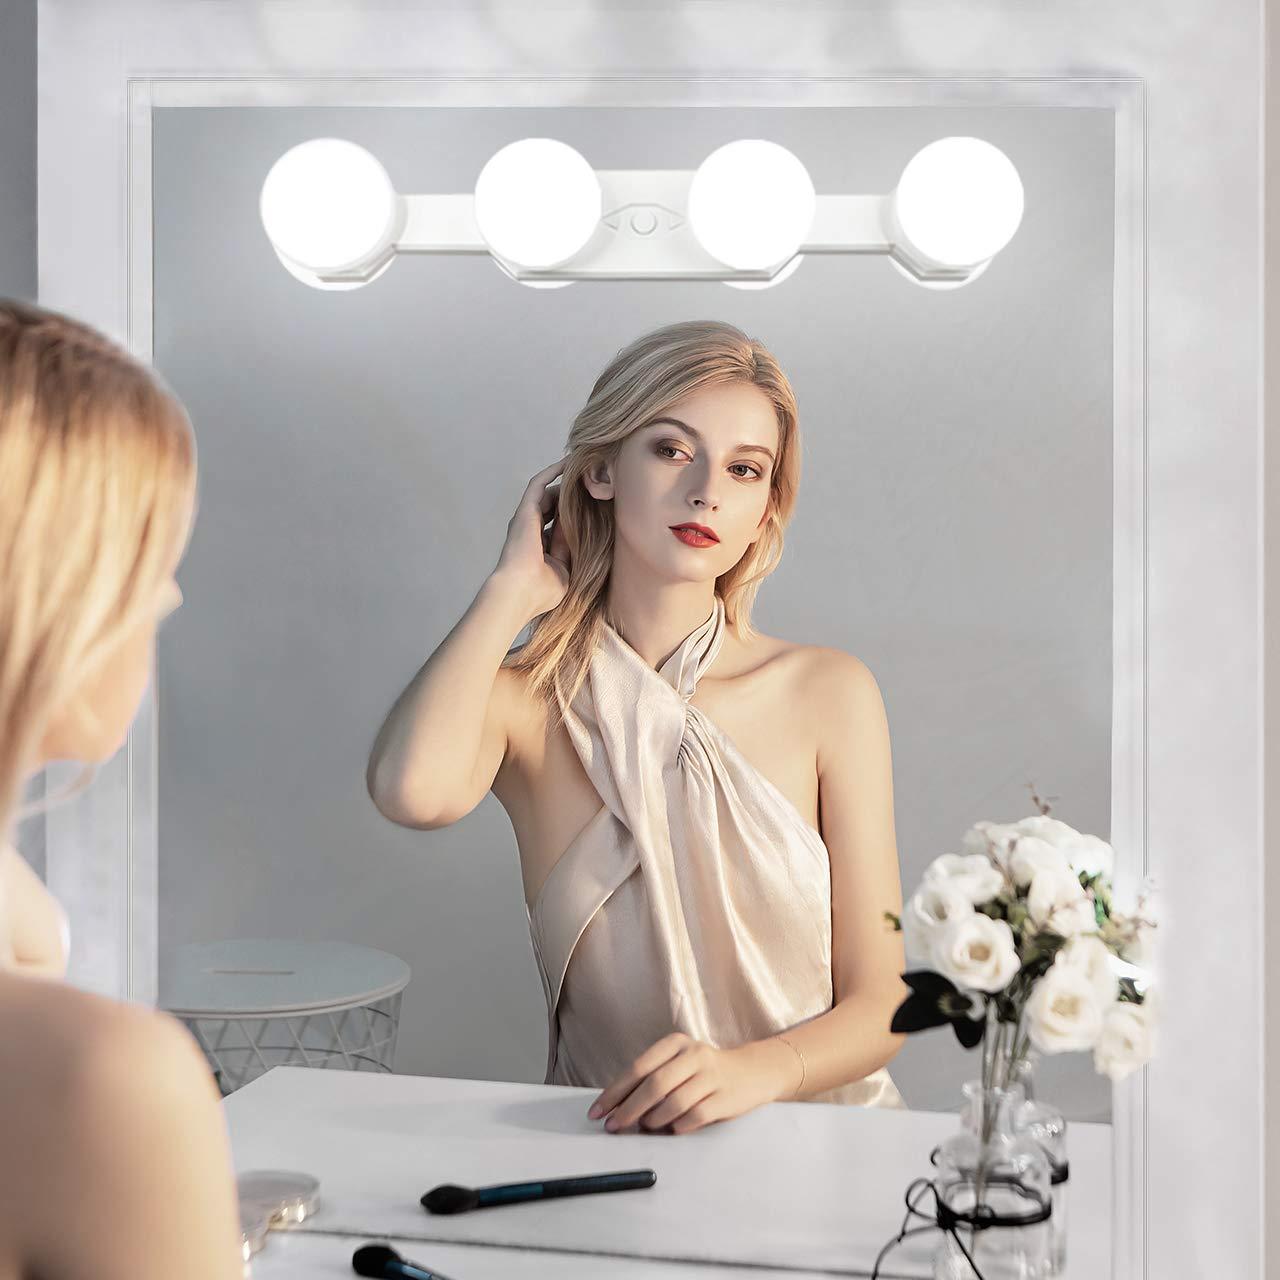 con 4 luces LED para cuarto de ba/ño o tocador recargable L/ámpara de maquillaje port/átil profesional temperatura de color ajustable